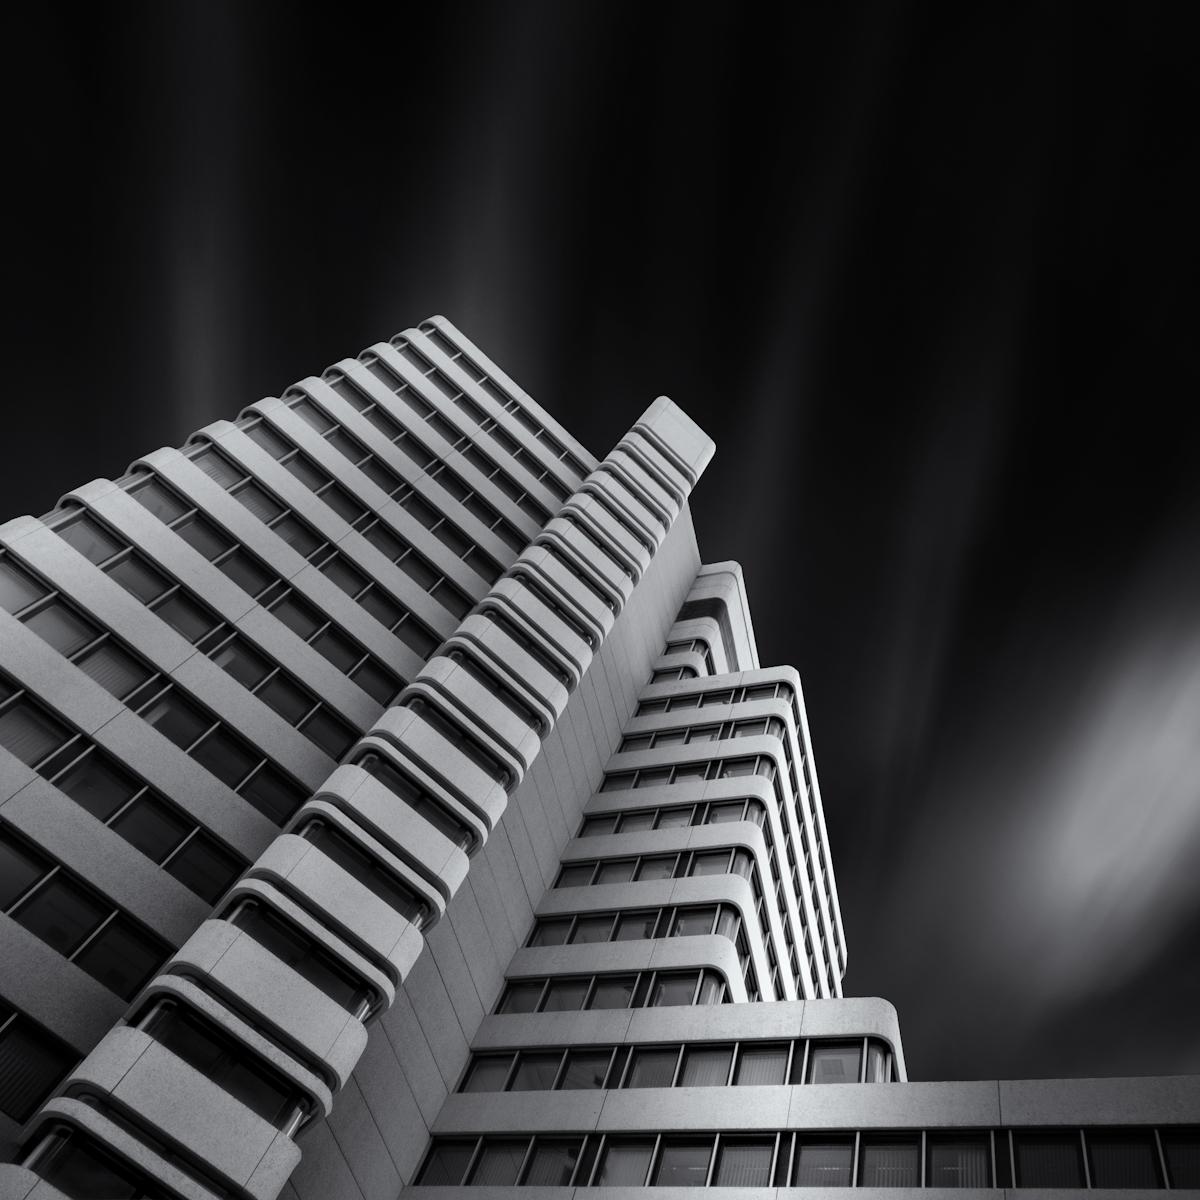 Architekturfotografie Monochrom